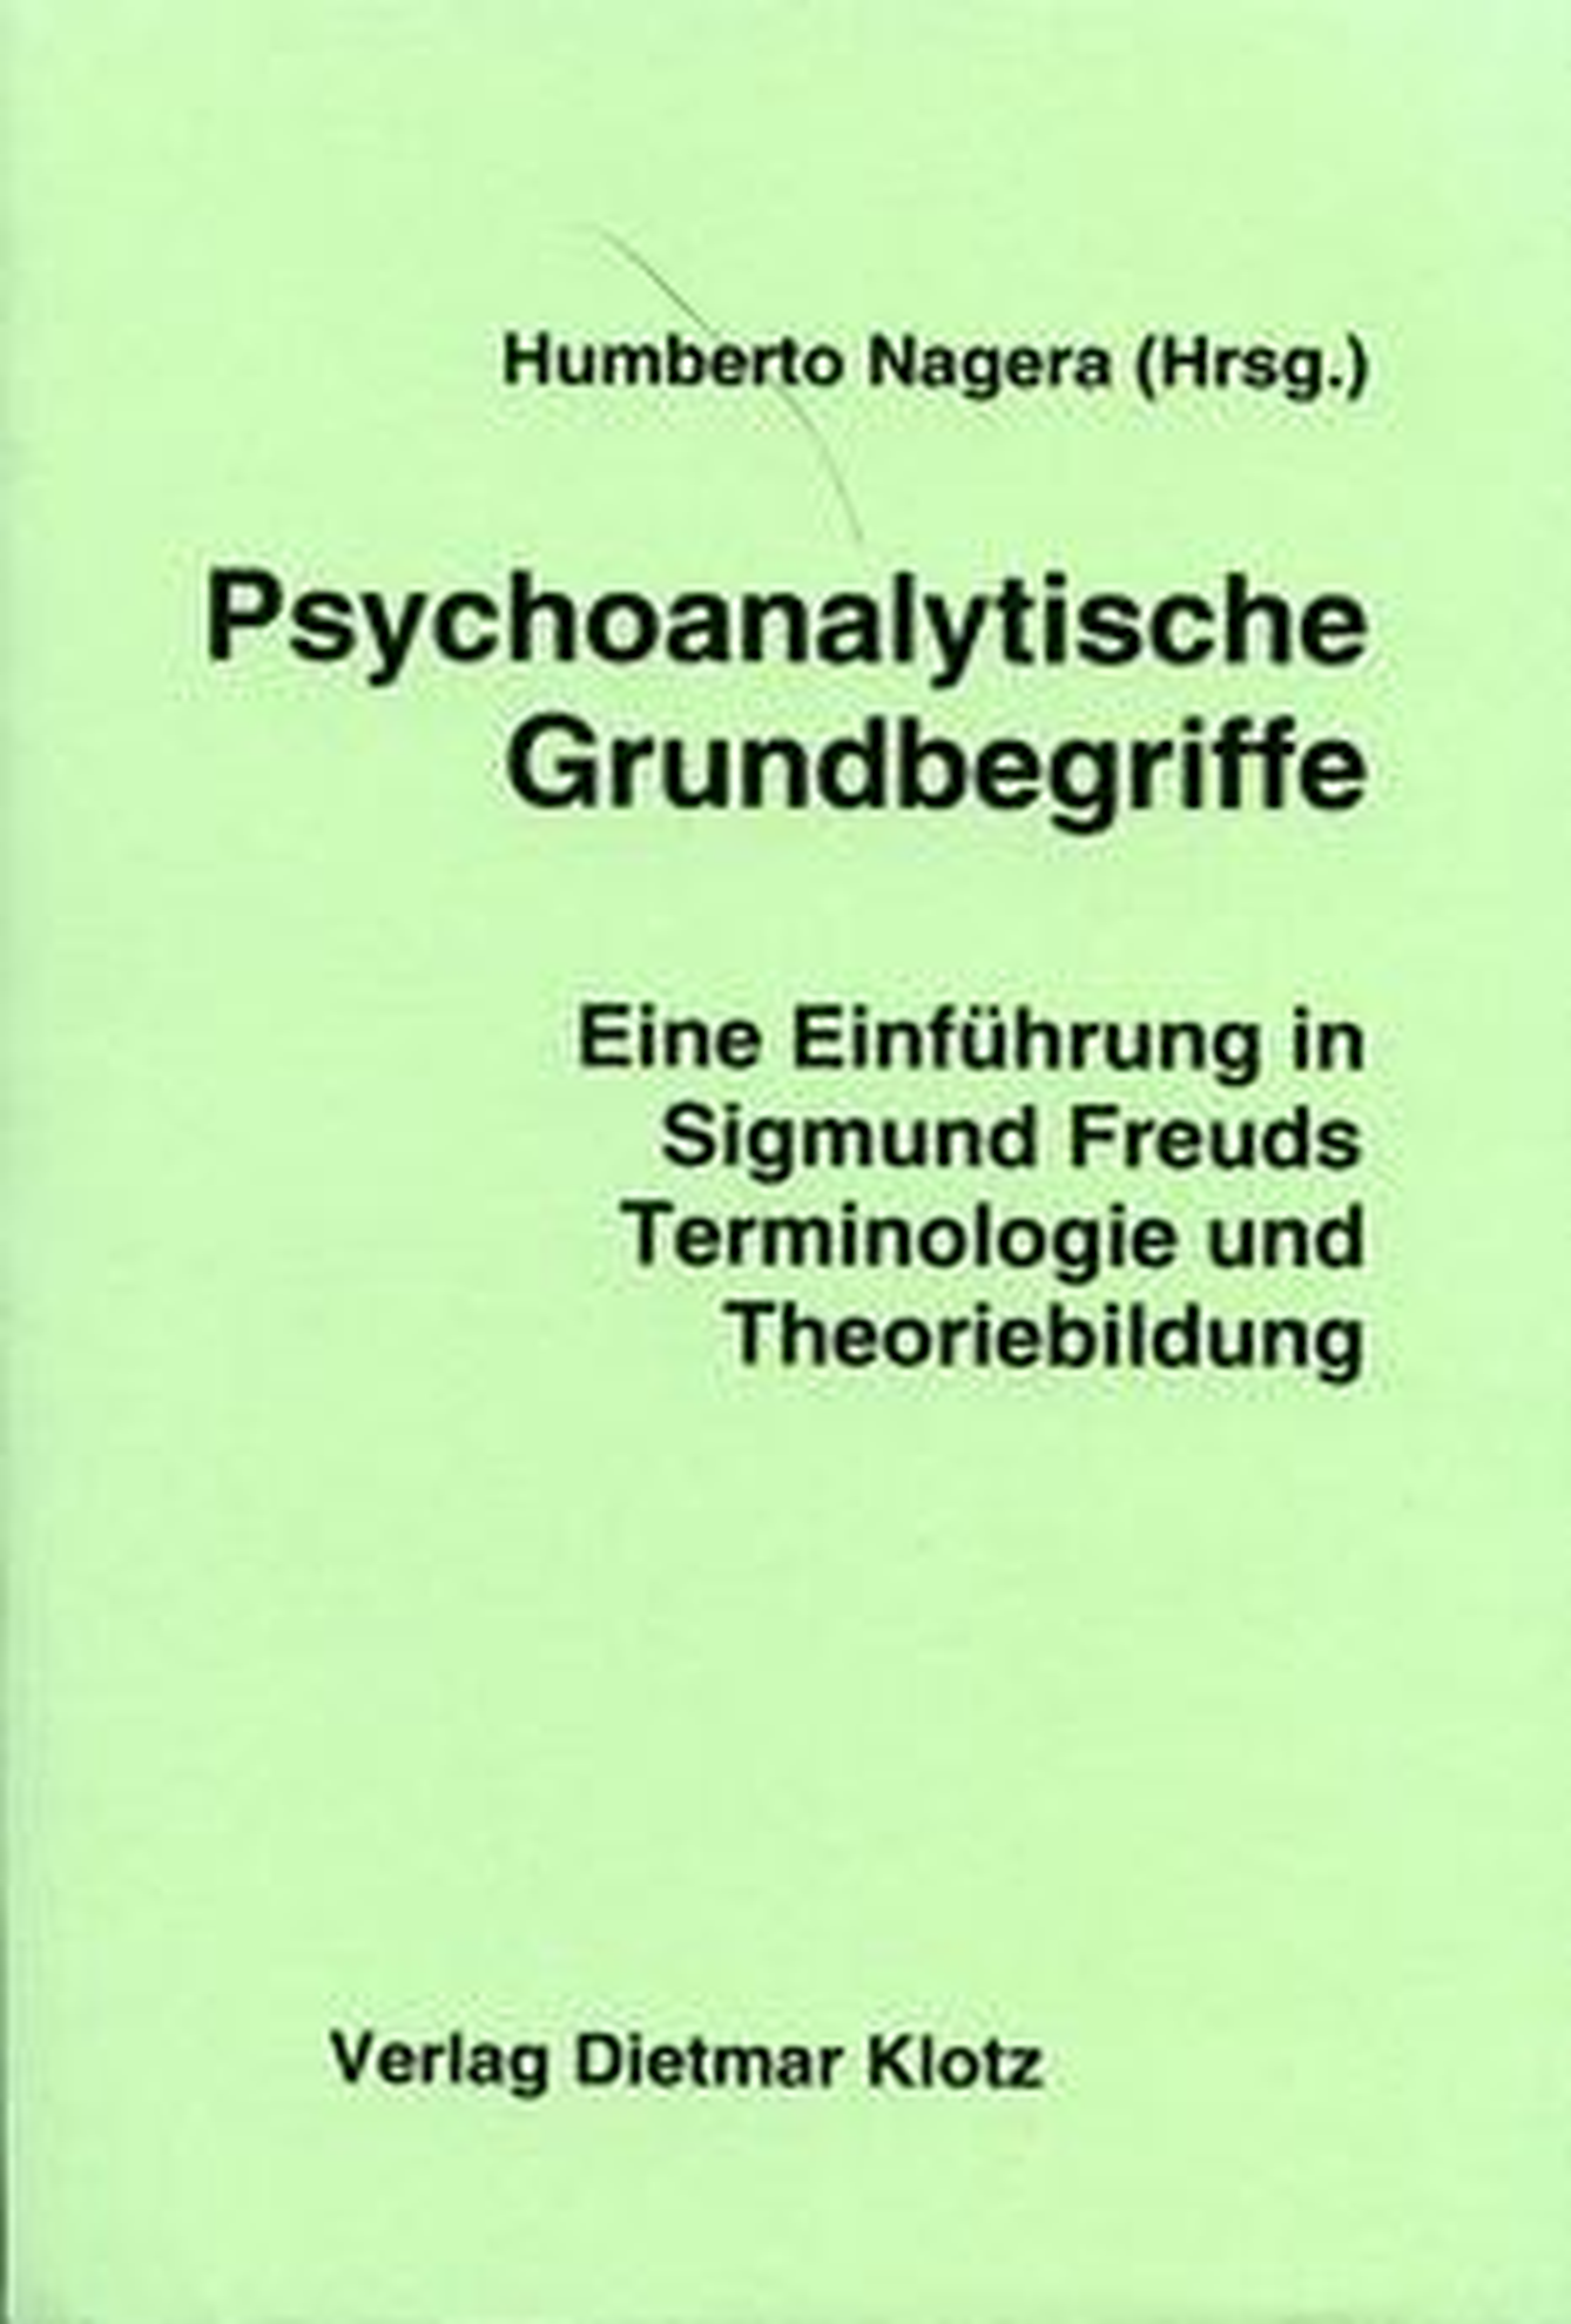 Psychoanalytische Grundbegriffe